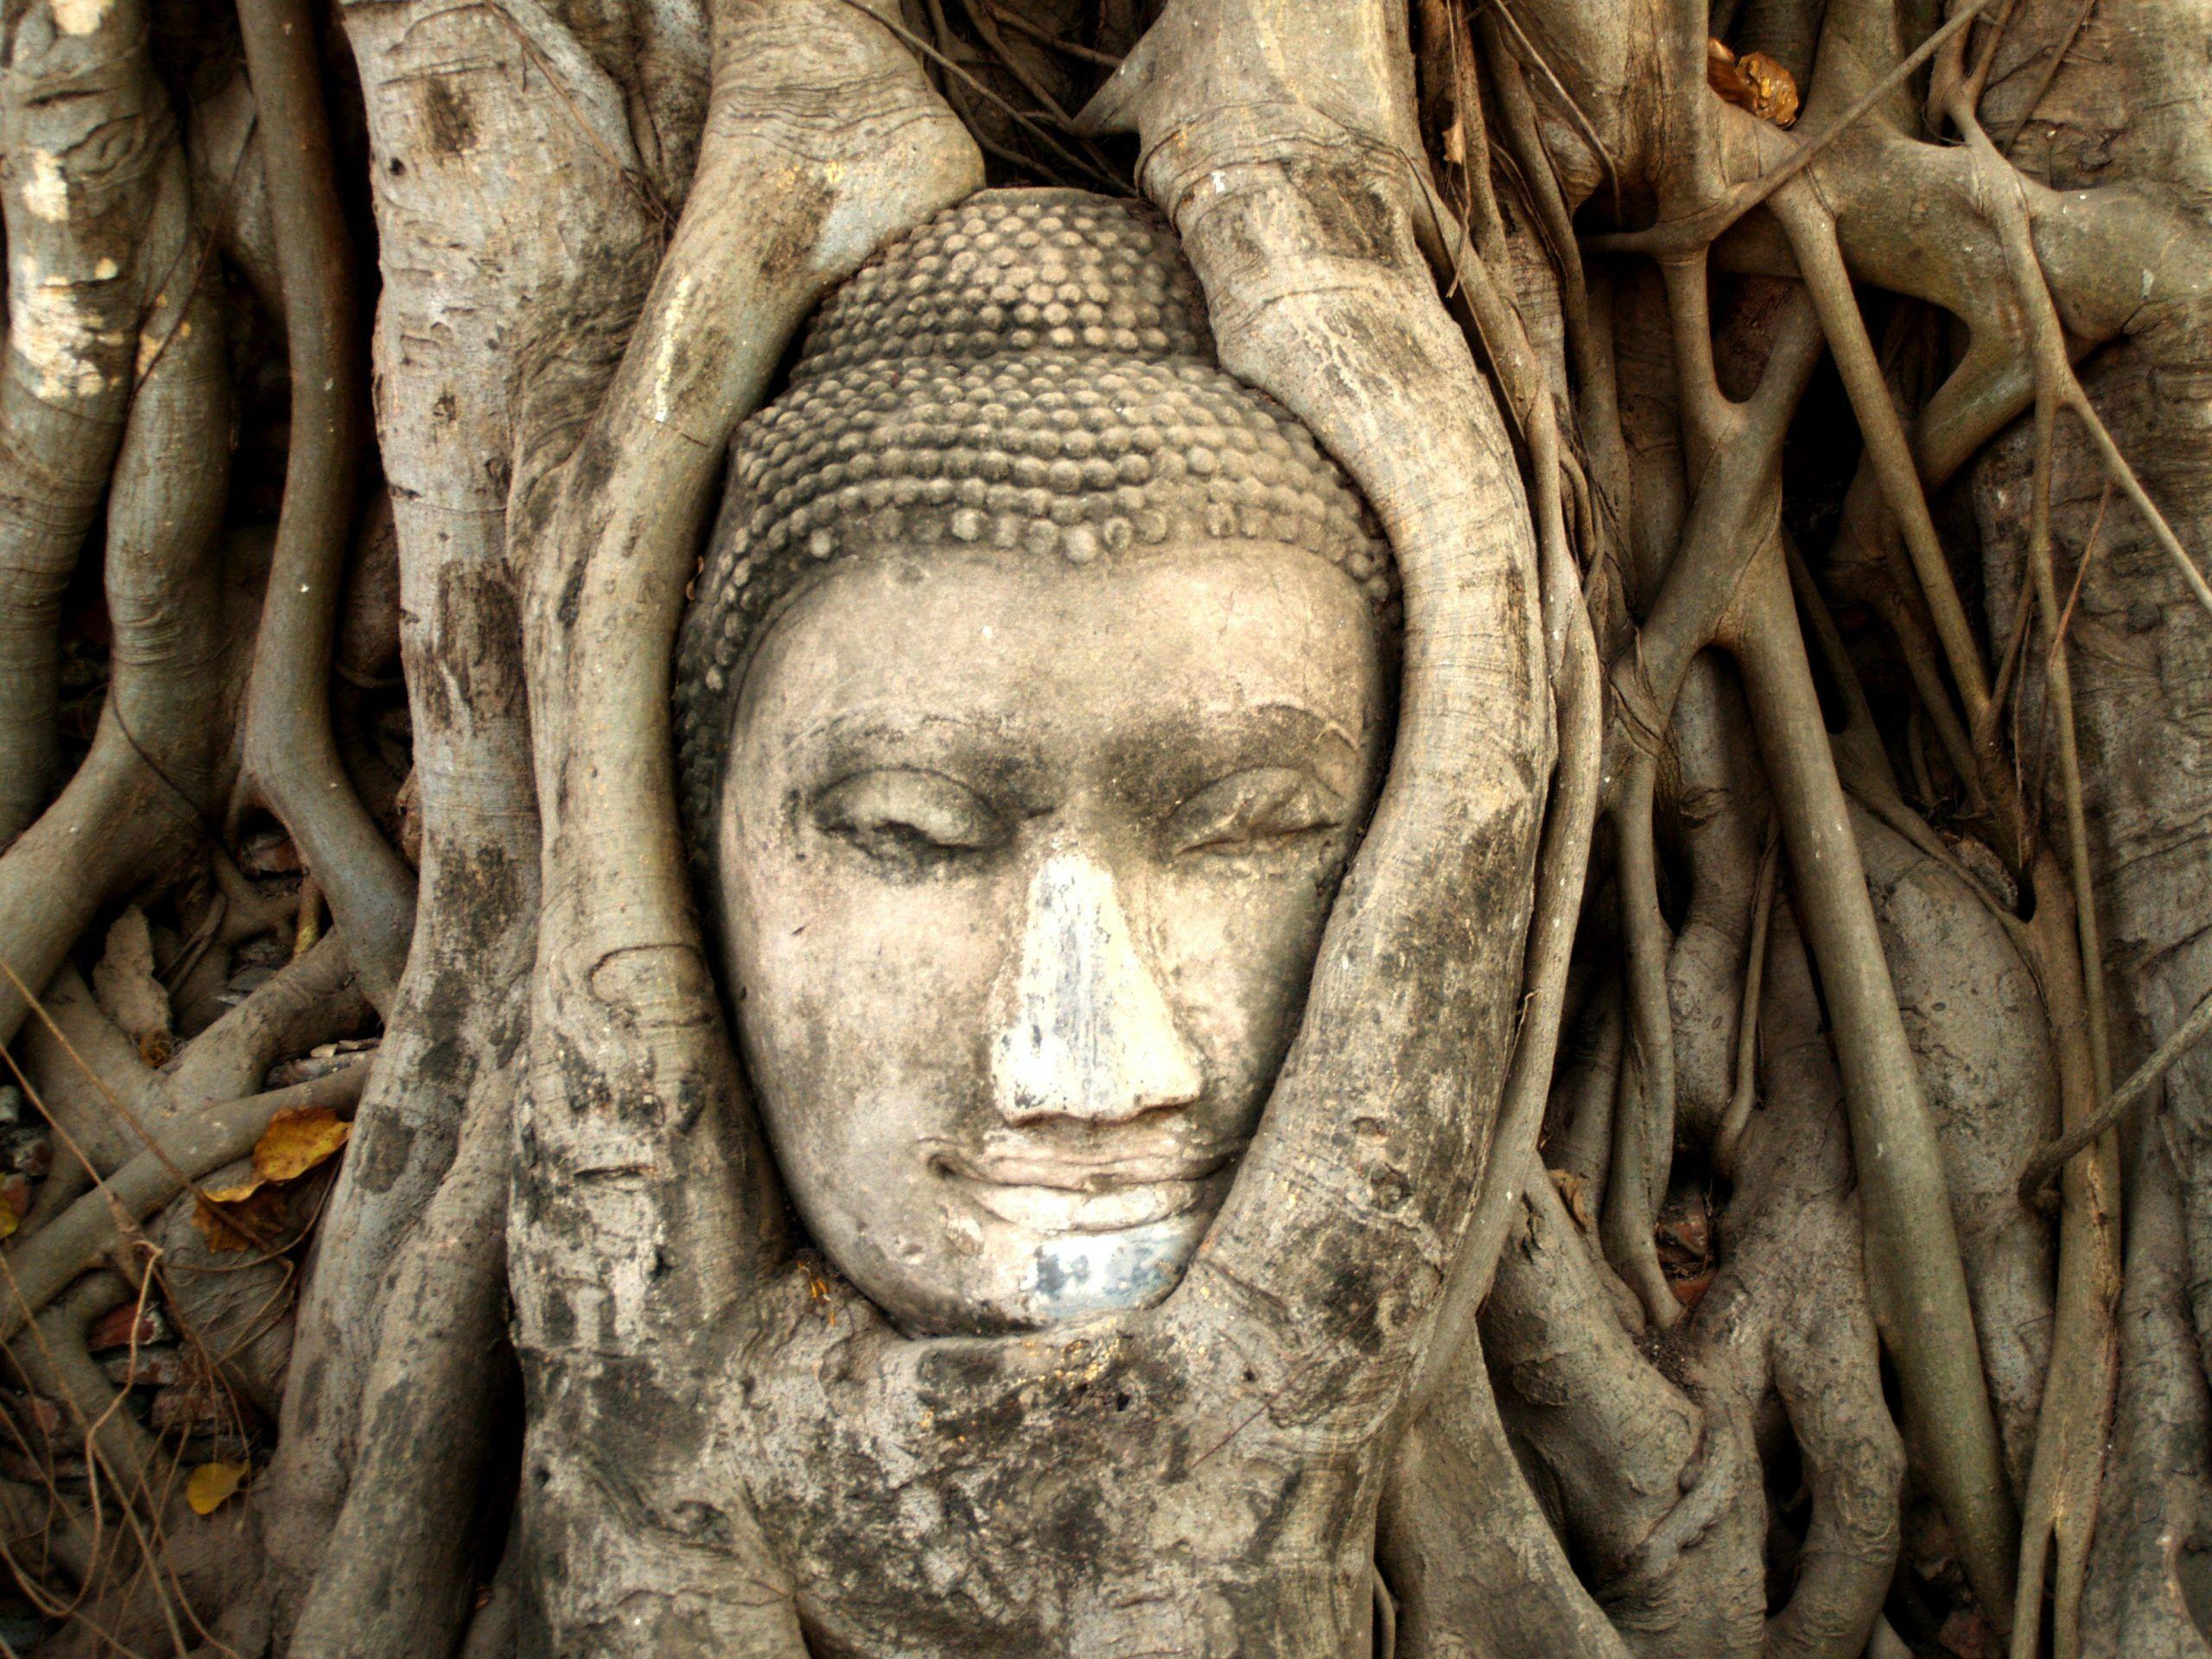 ¿Cuáles son las tres cosas que más importan según Buda?